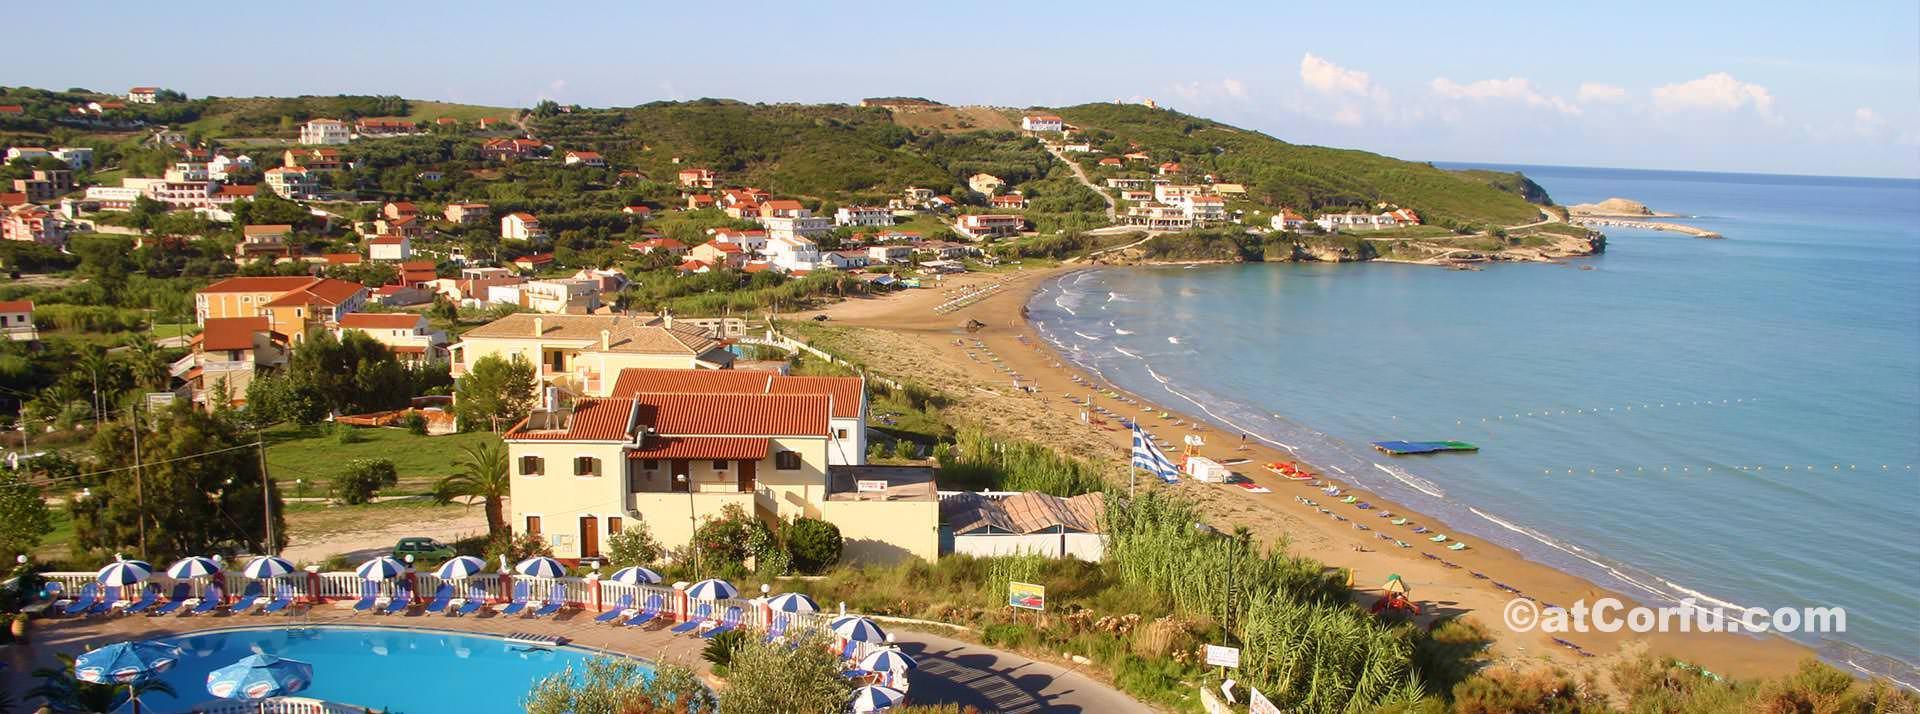 Παραλία Άγίου Στεφάνου στη βόρεια Κέρκυρα